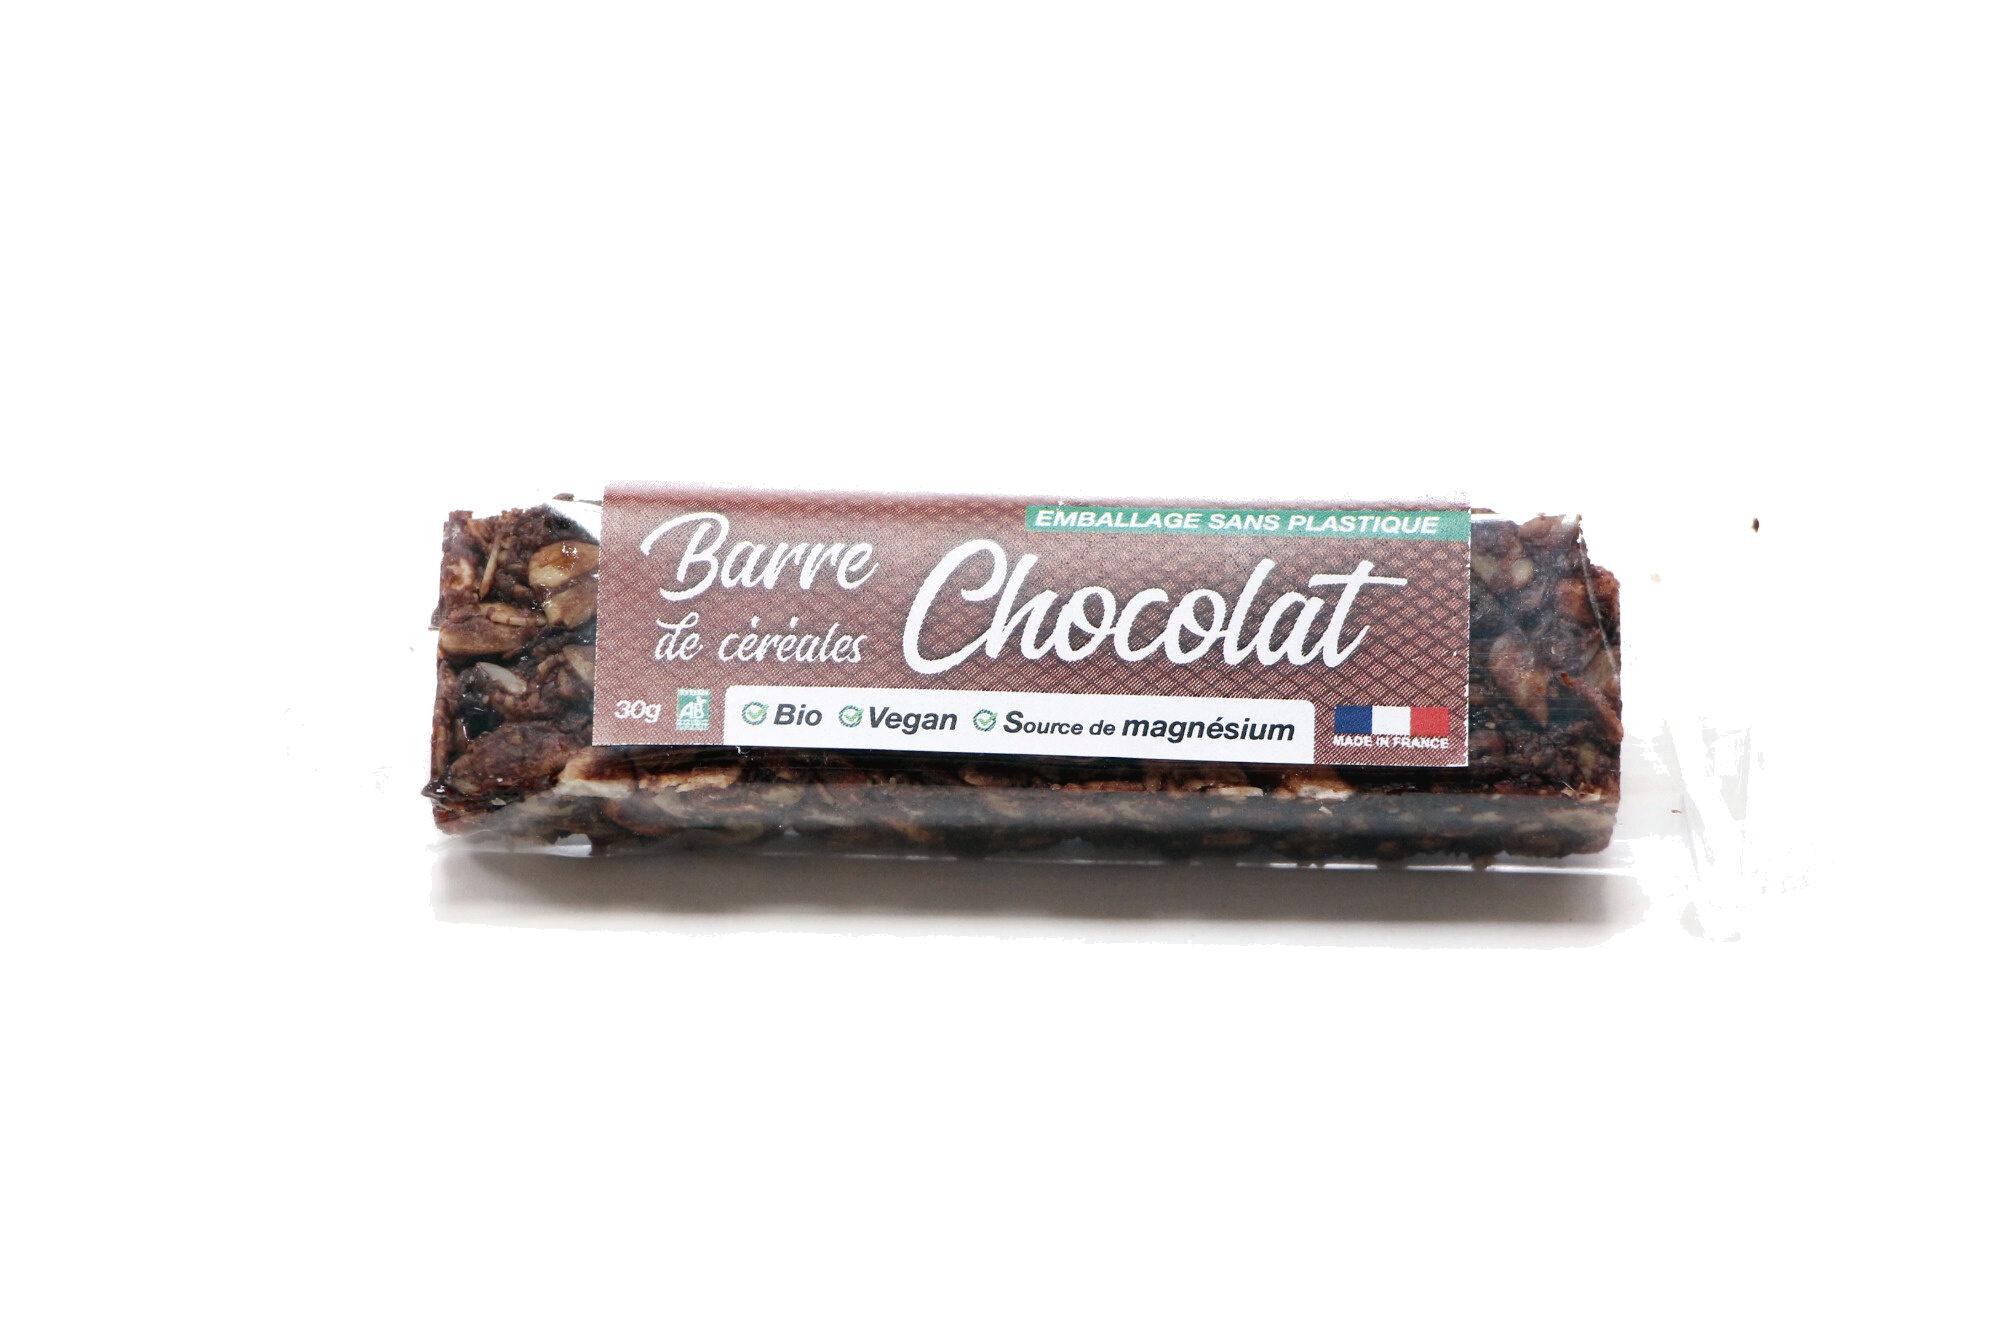 Barre de céréales Chocolat - Product